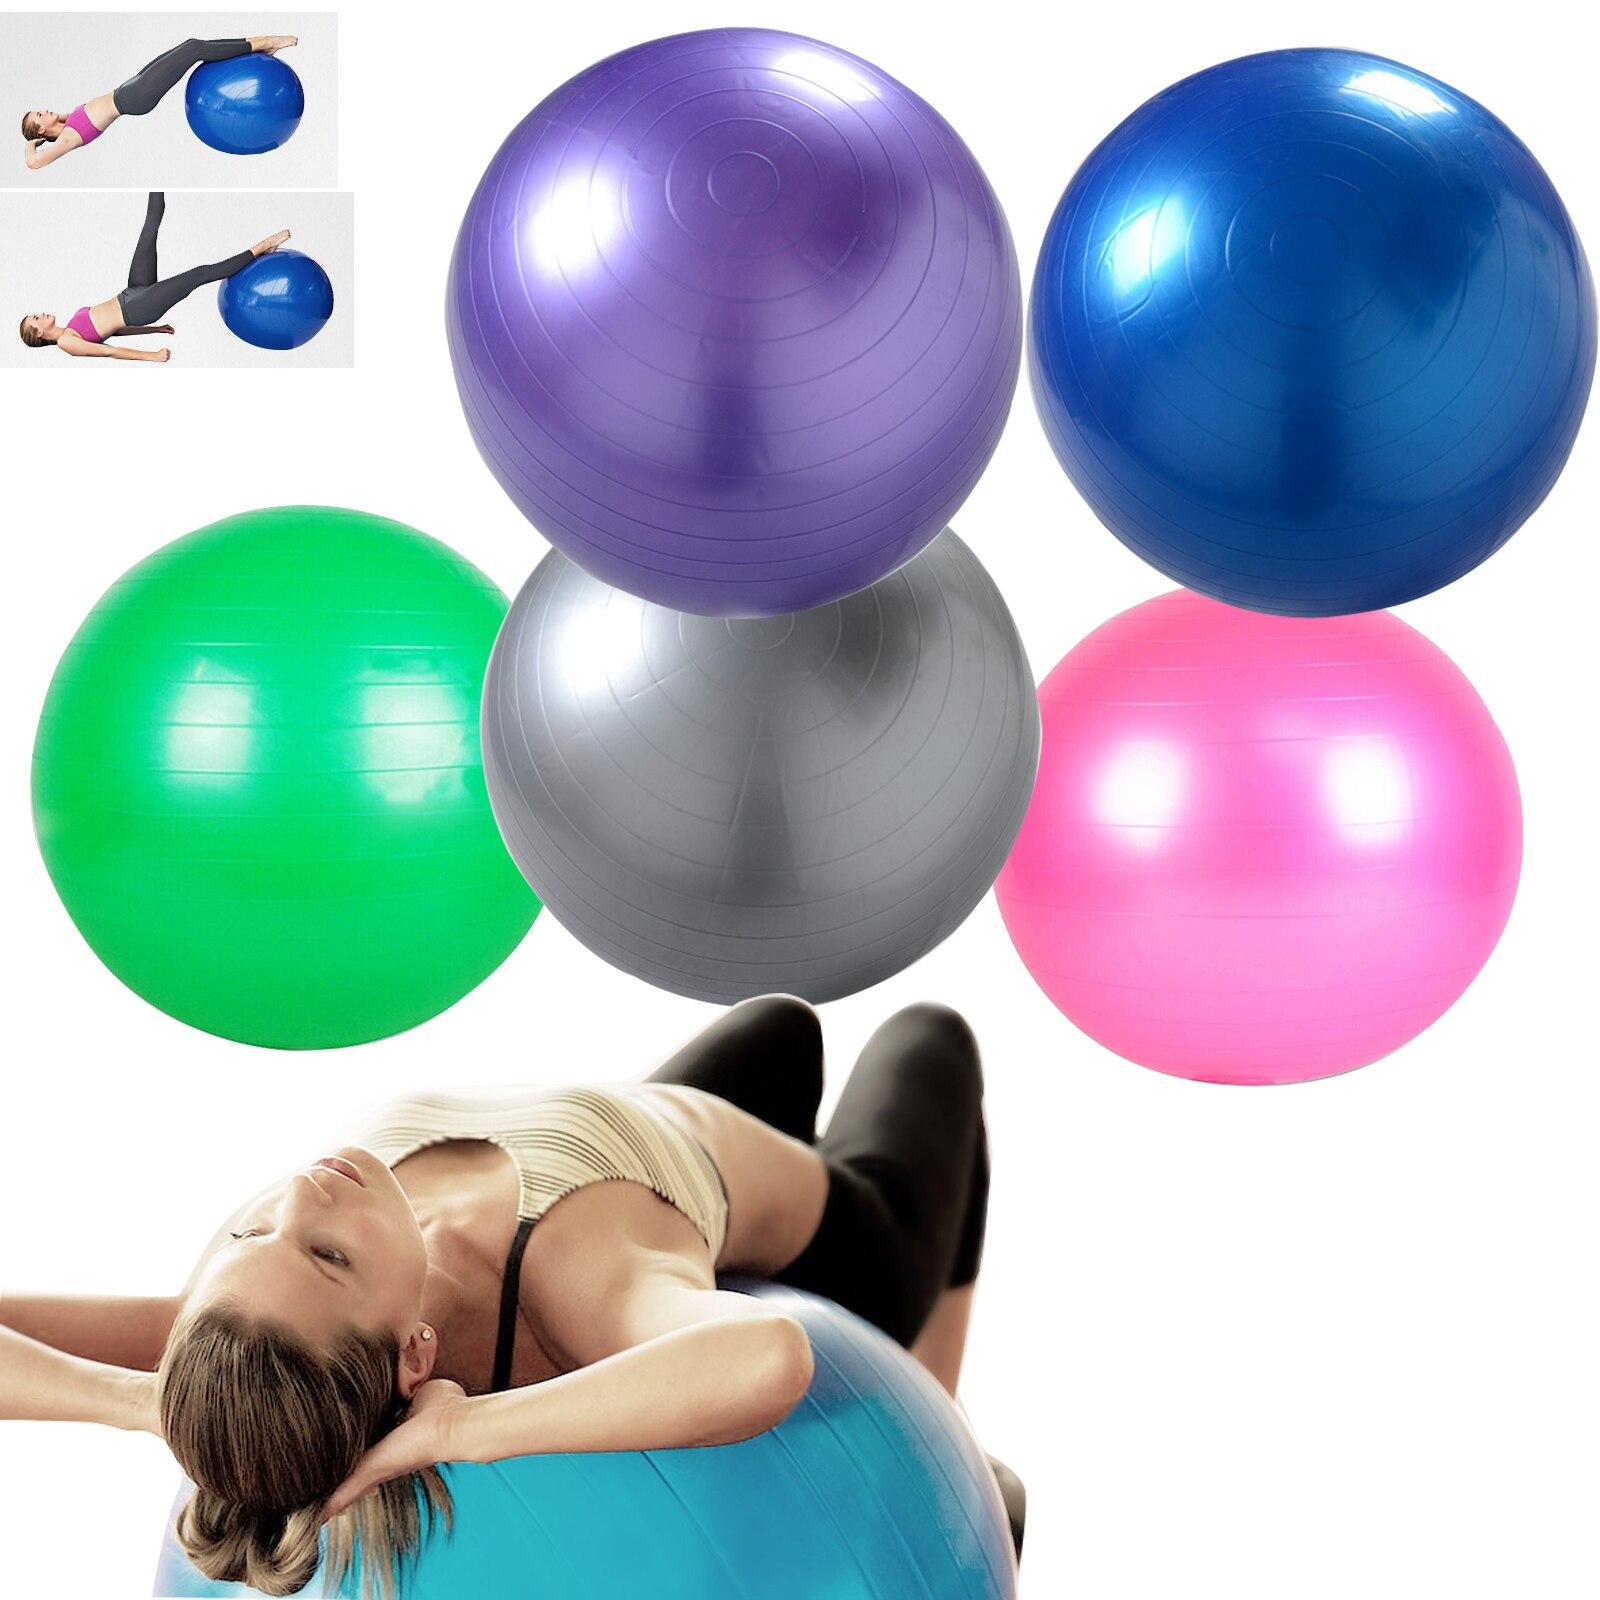 @1  Эко-европейский популярный многоцелевой взрывозащищенный пвх упражнение йога мяч тренажерный зал для ✔